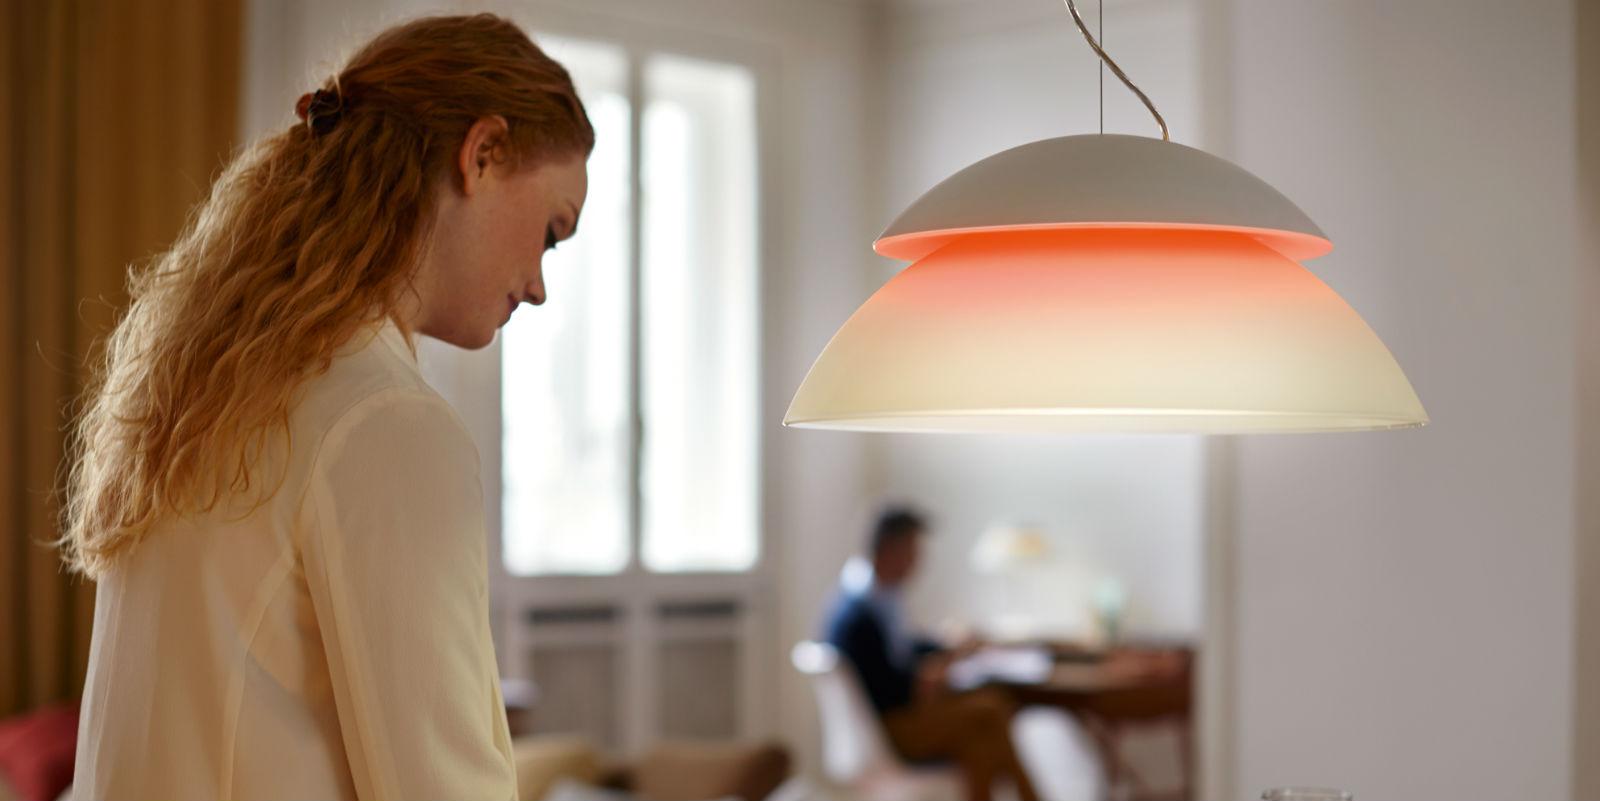 Автоматическое управление освещением в Умном доме фото осн